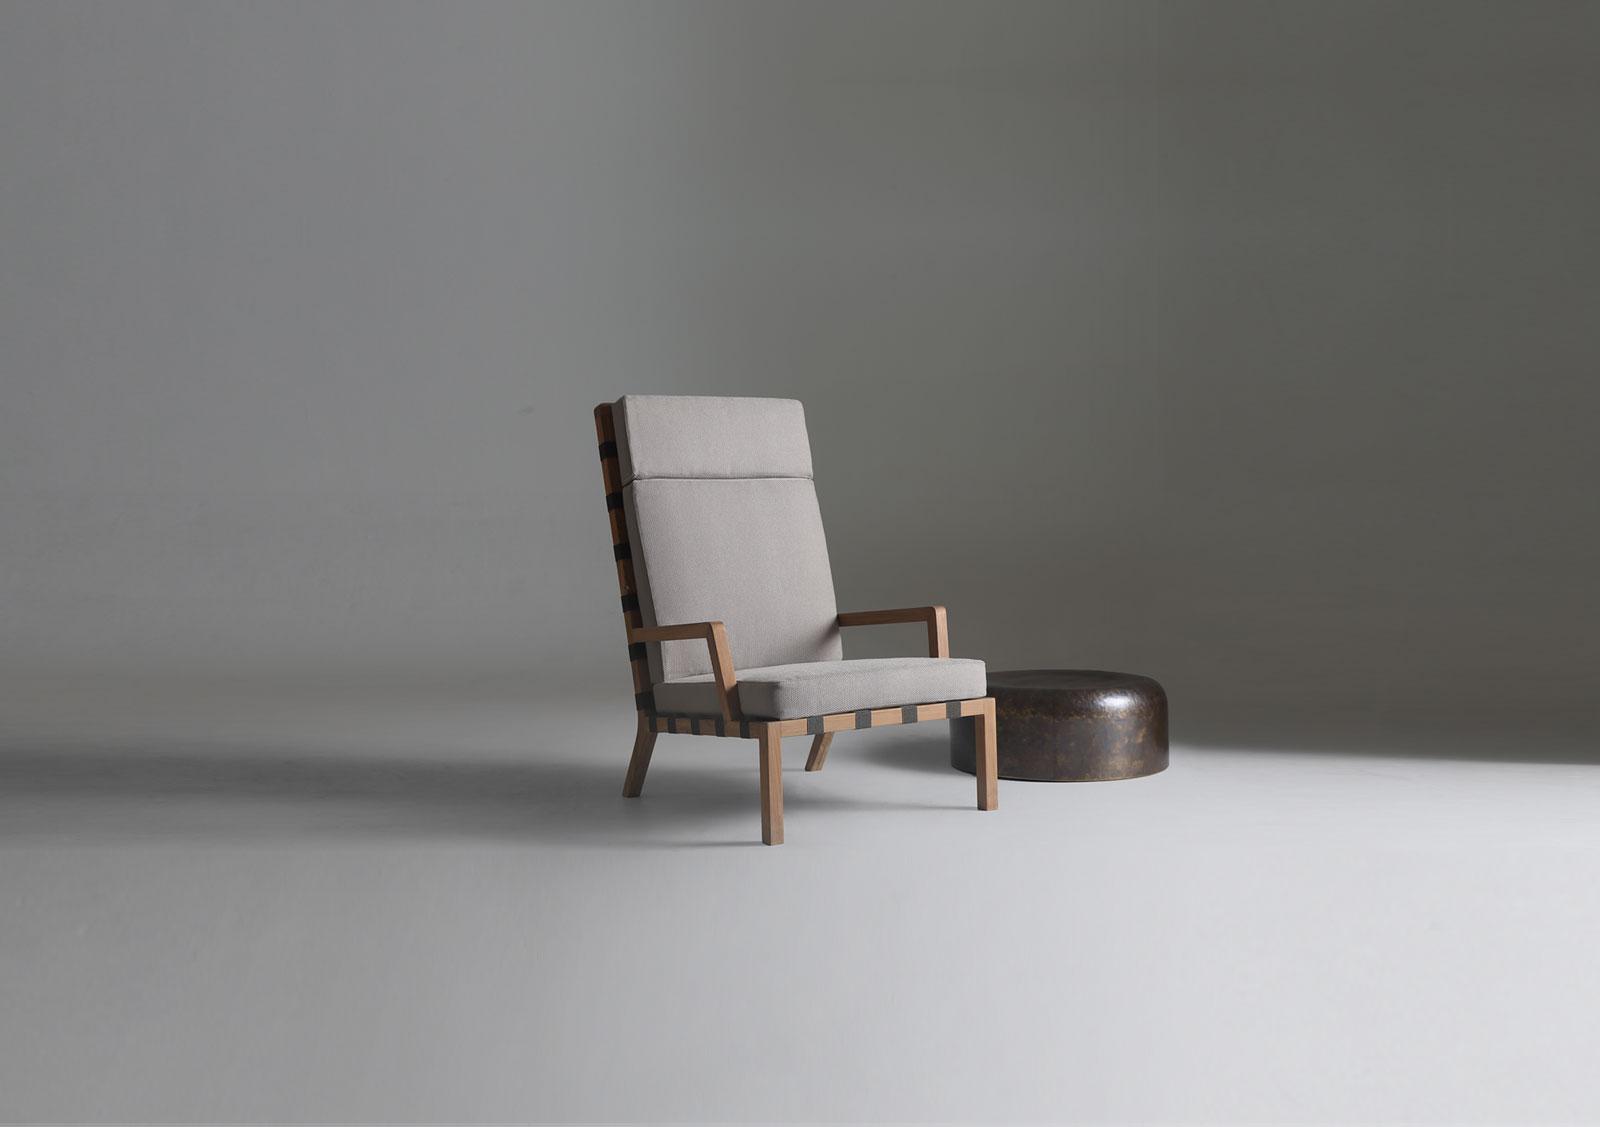 Strap Teak Lounge Chair Christophe Pillet For Lebello